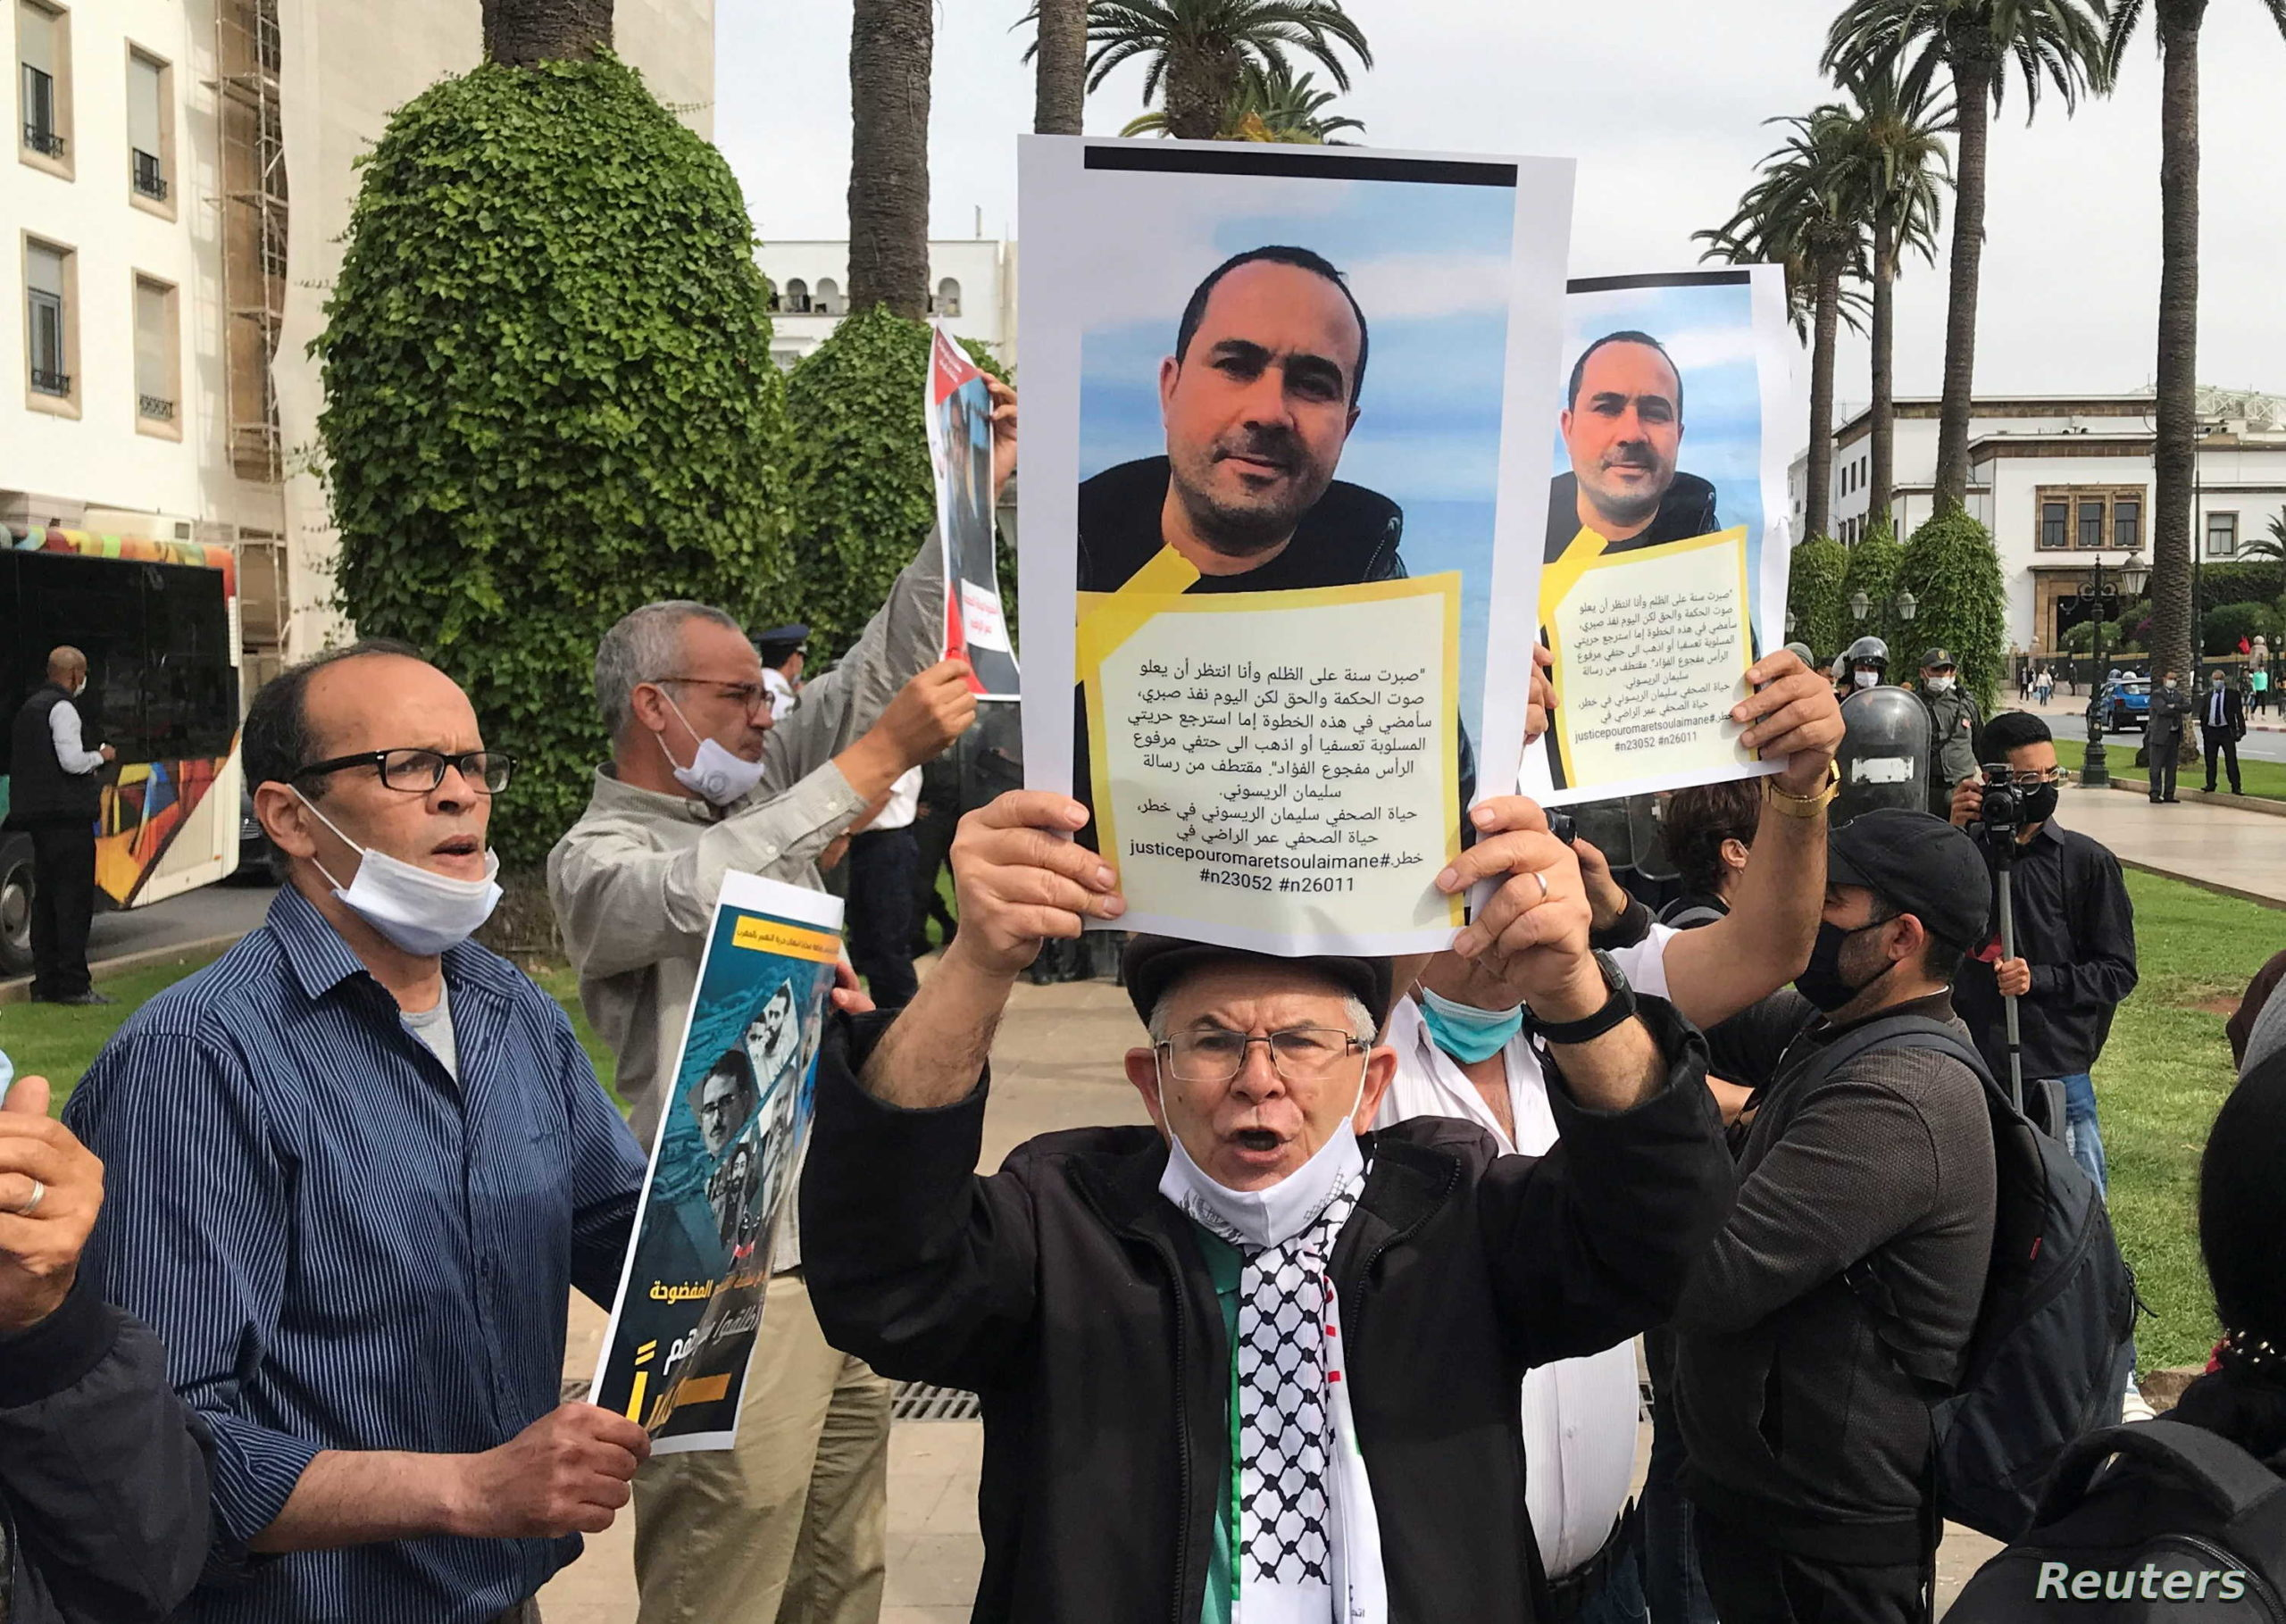 المغرب:  الصحفي سليمان الريسوني أمام محكمة الاستئناف الأسبوع المقبل